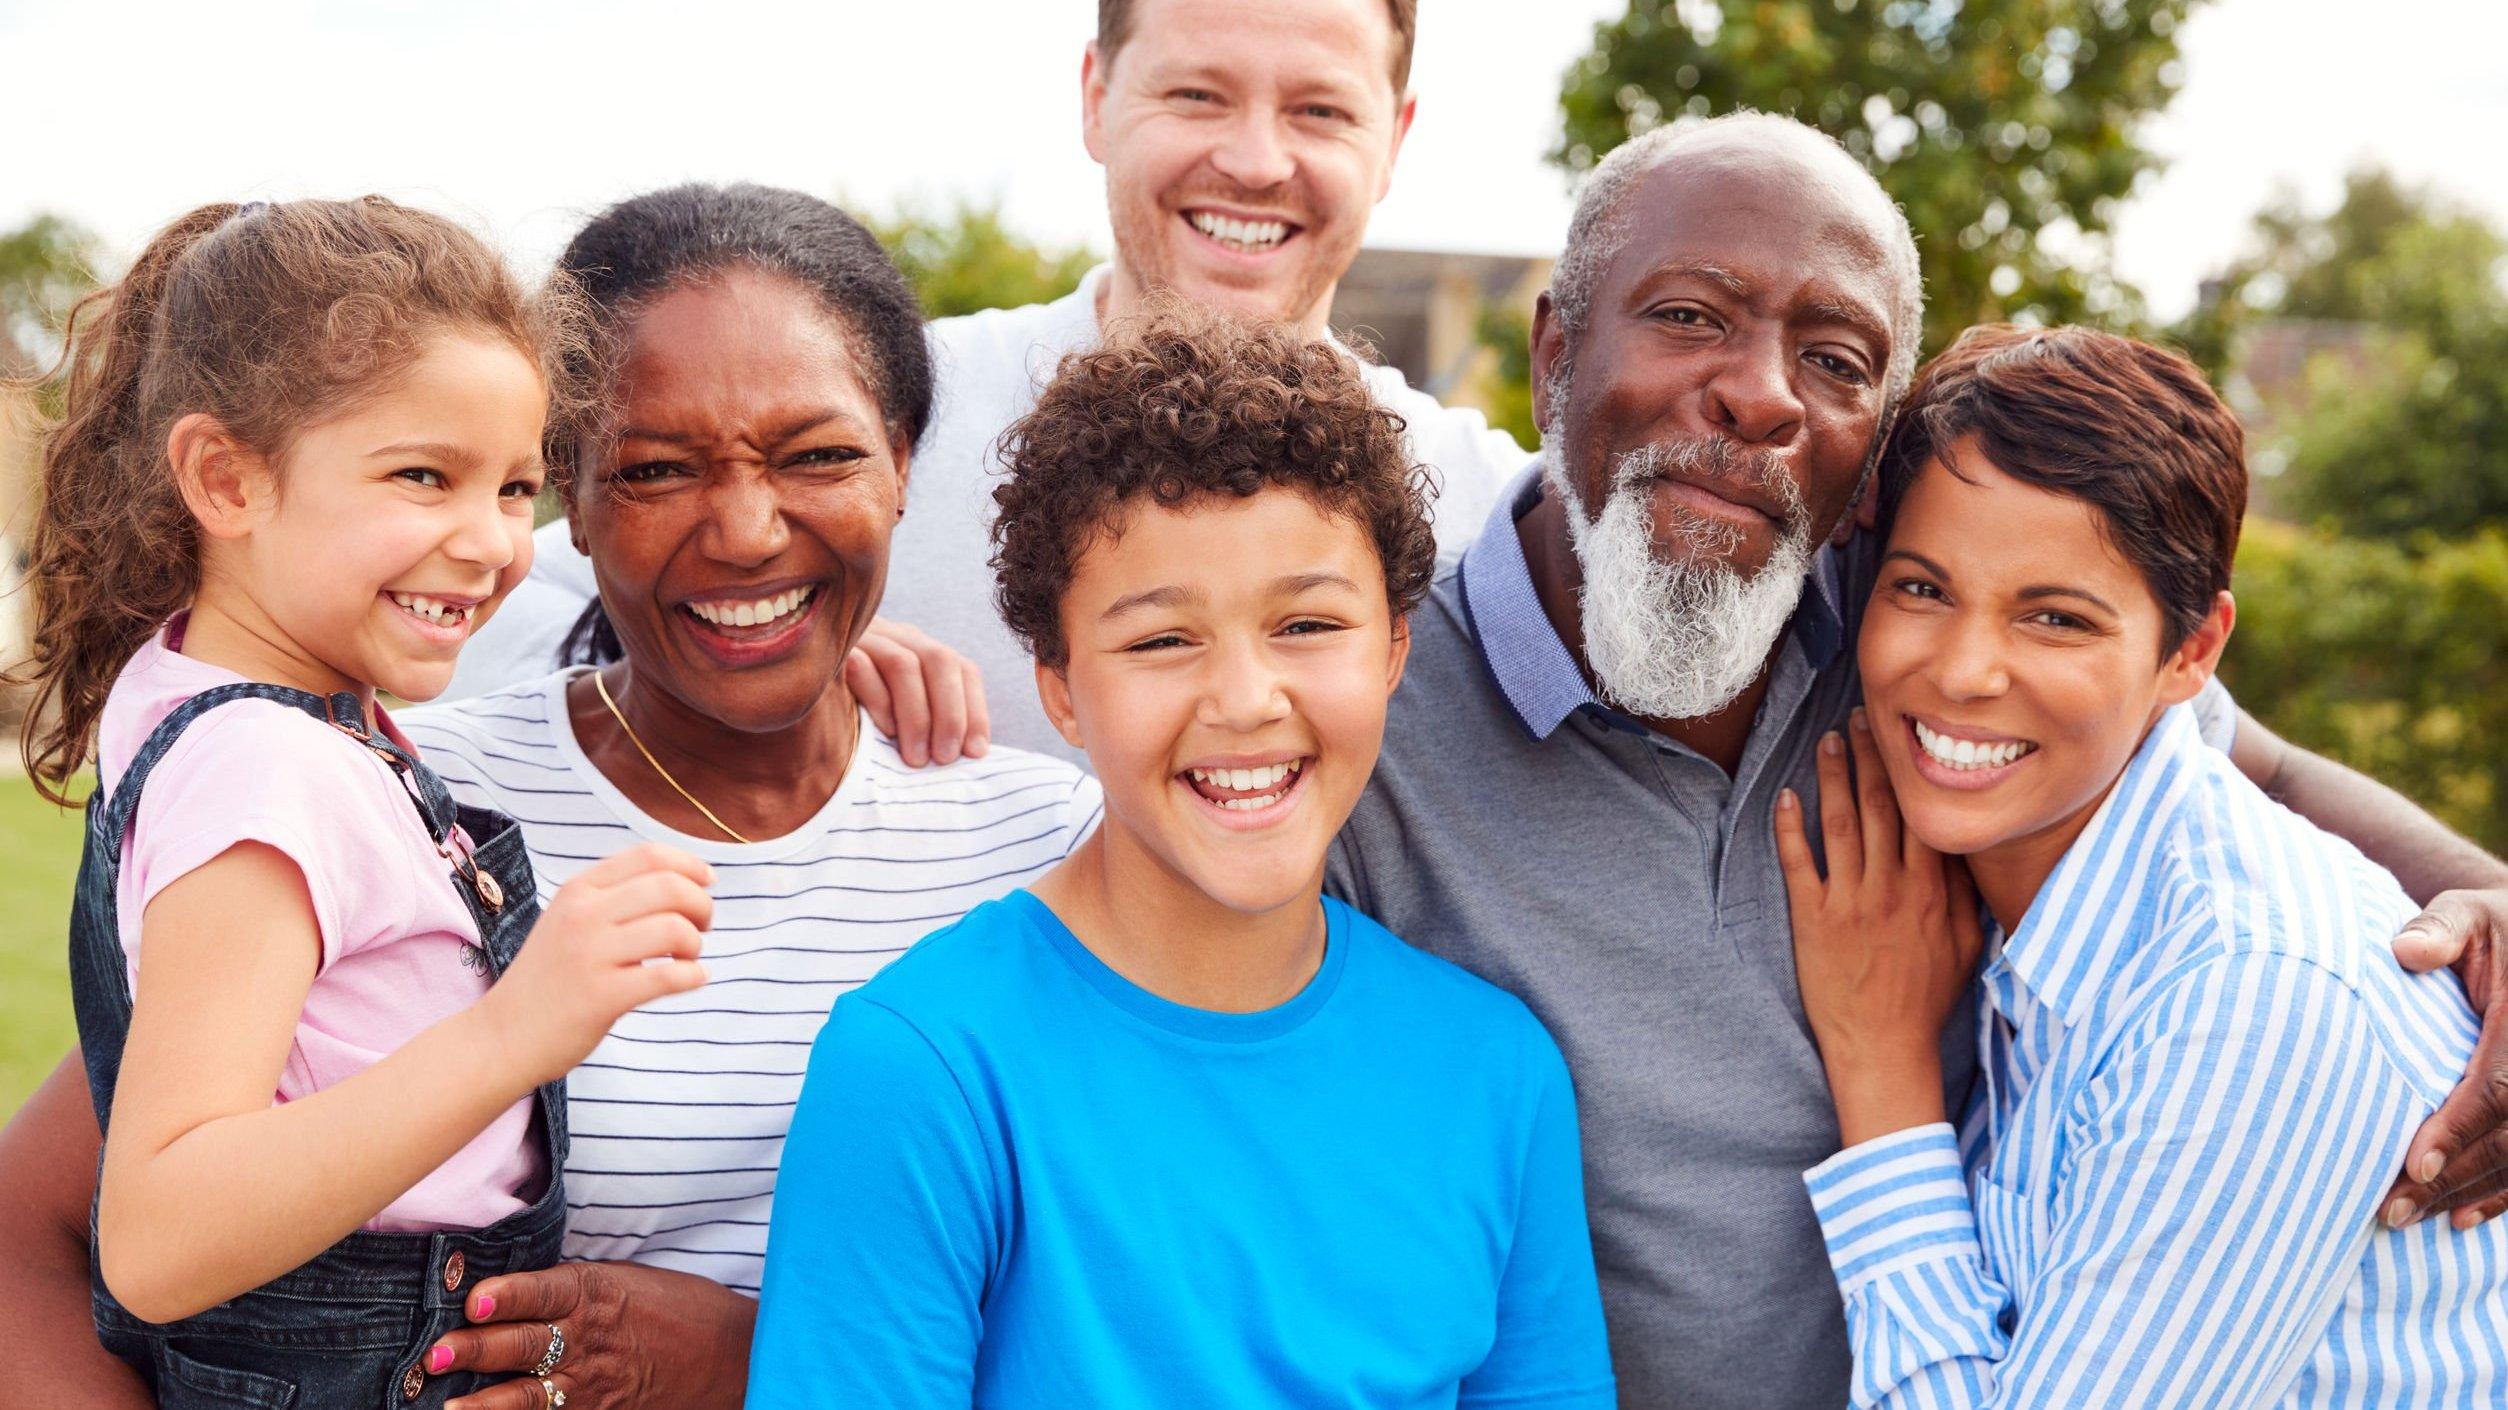 Família reunida em um jardim sorrindo